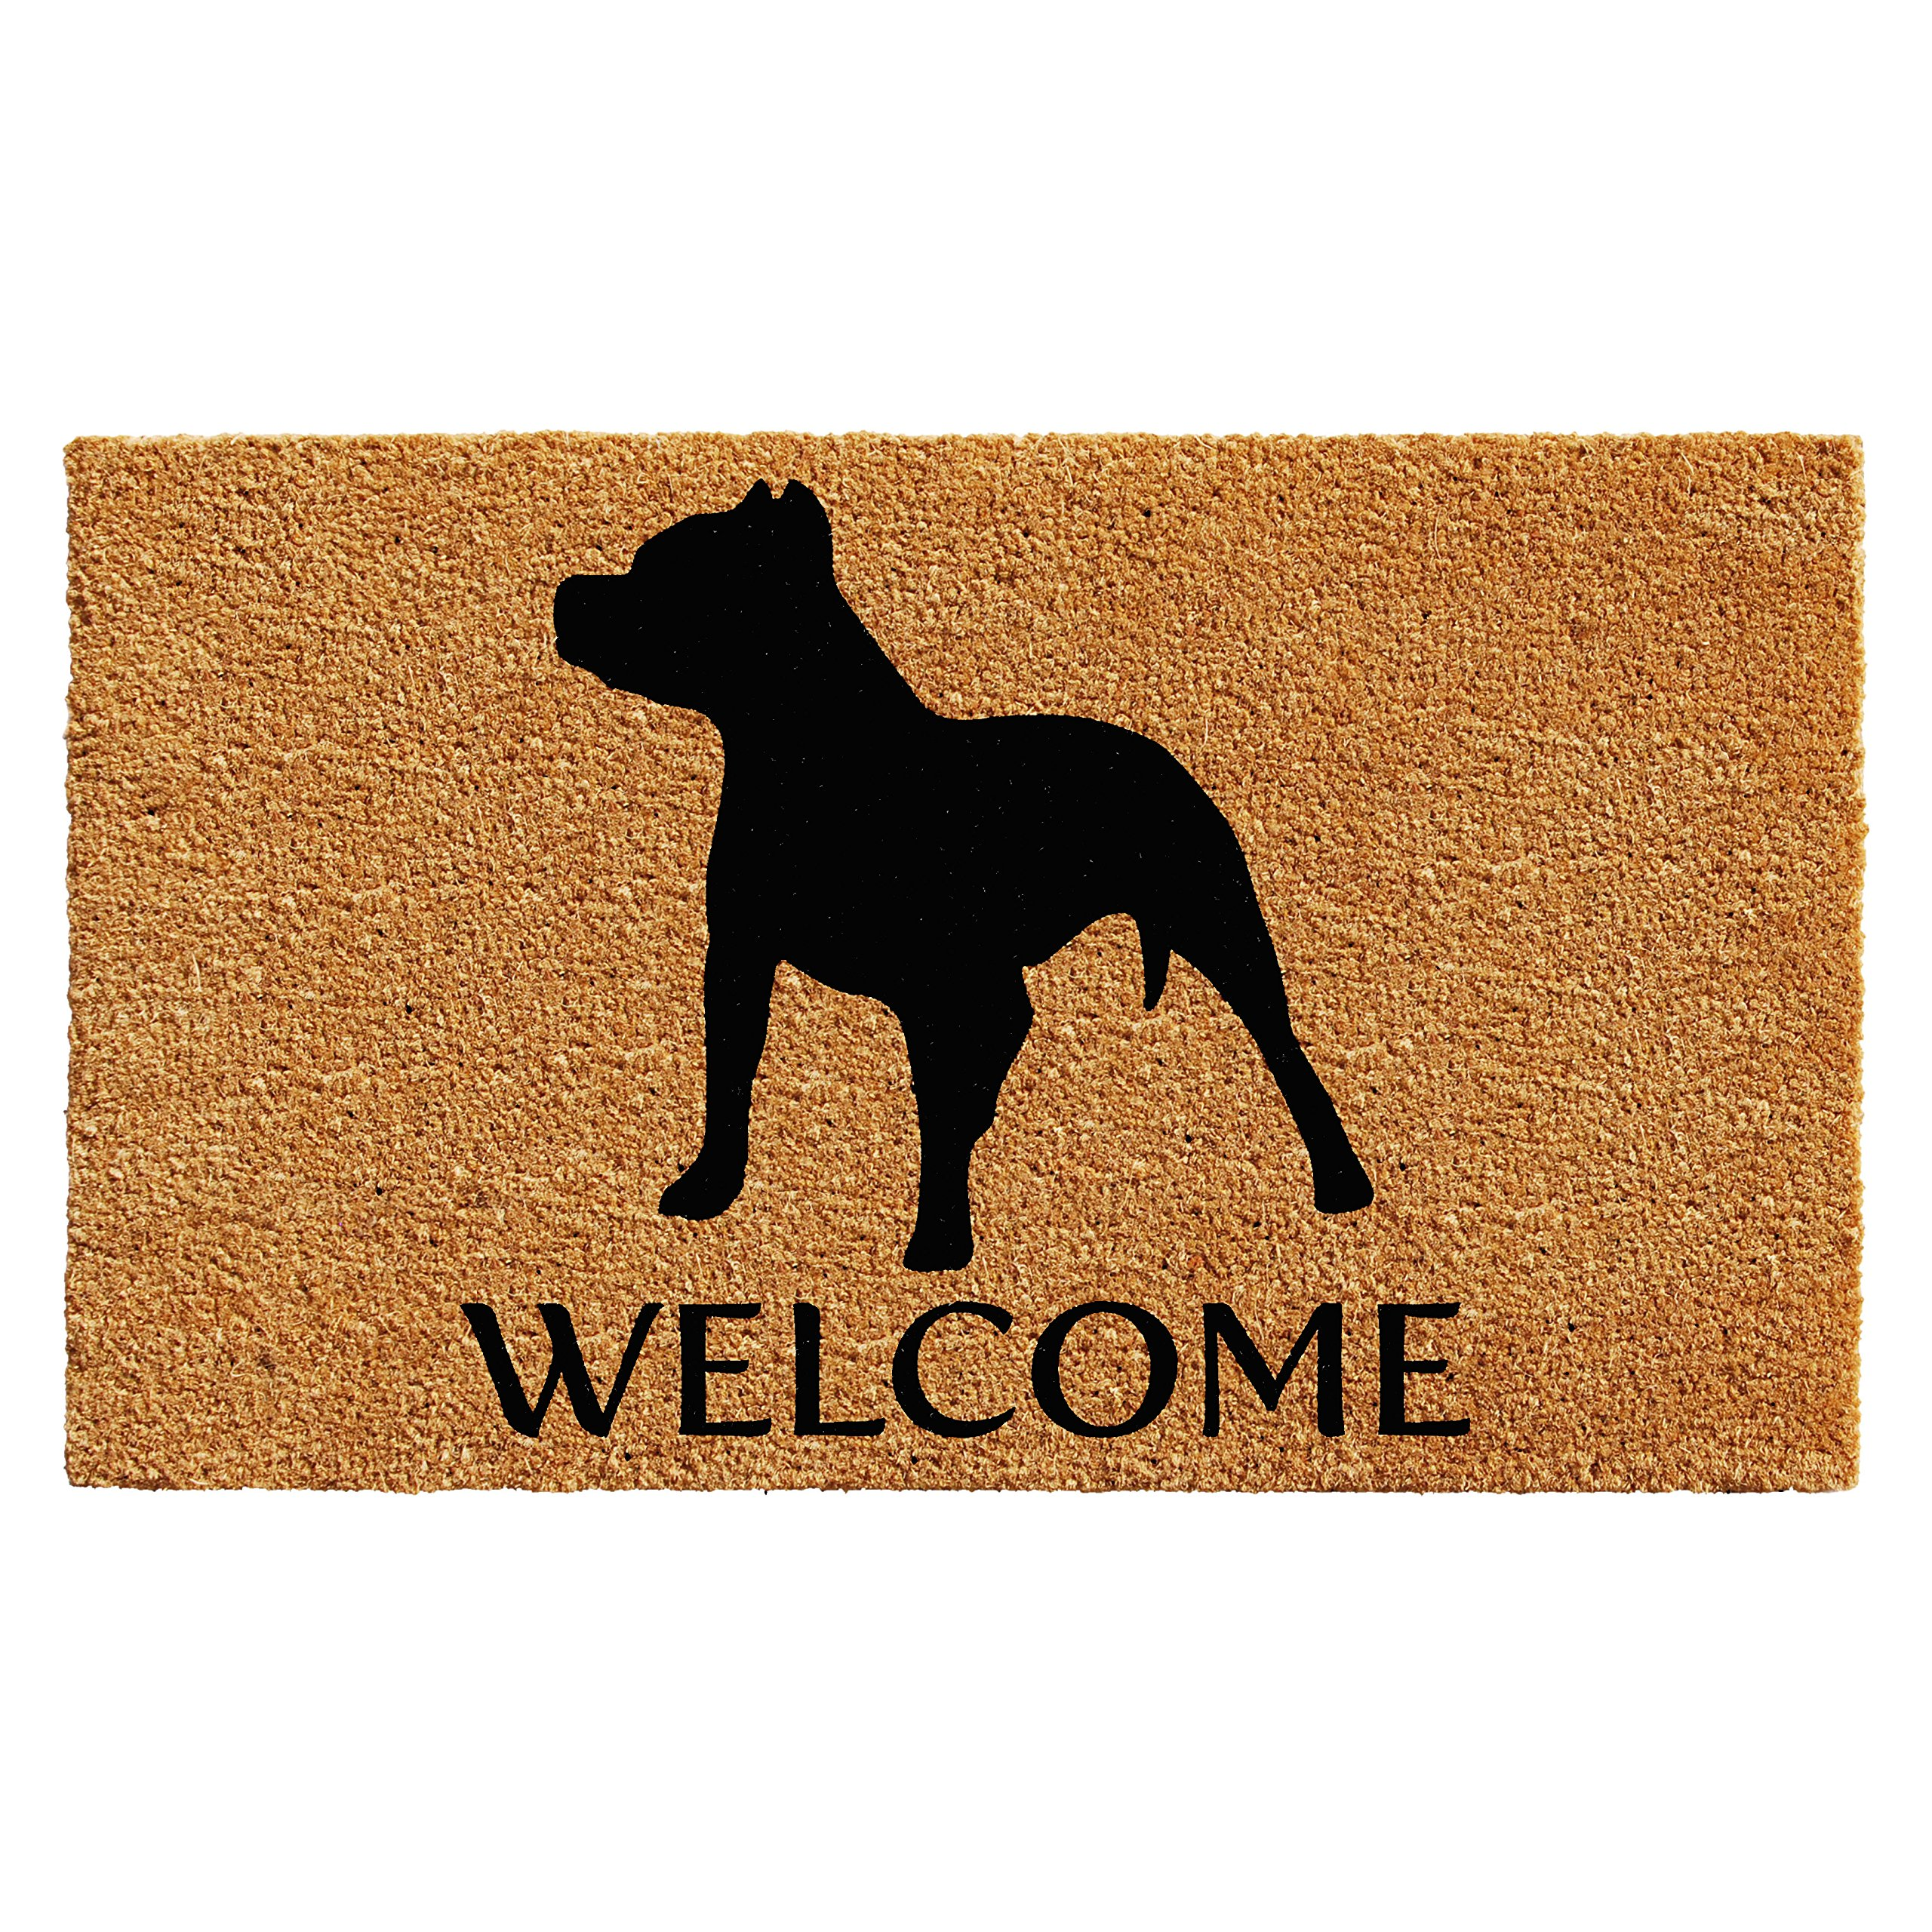 Home & More 103012436 Pit Bull Doormat 2' x 3', Natural/Black